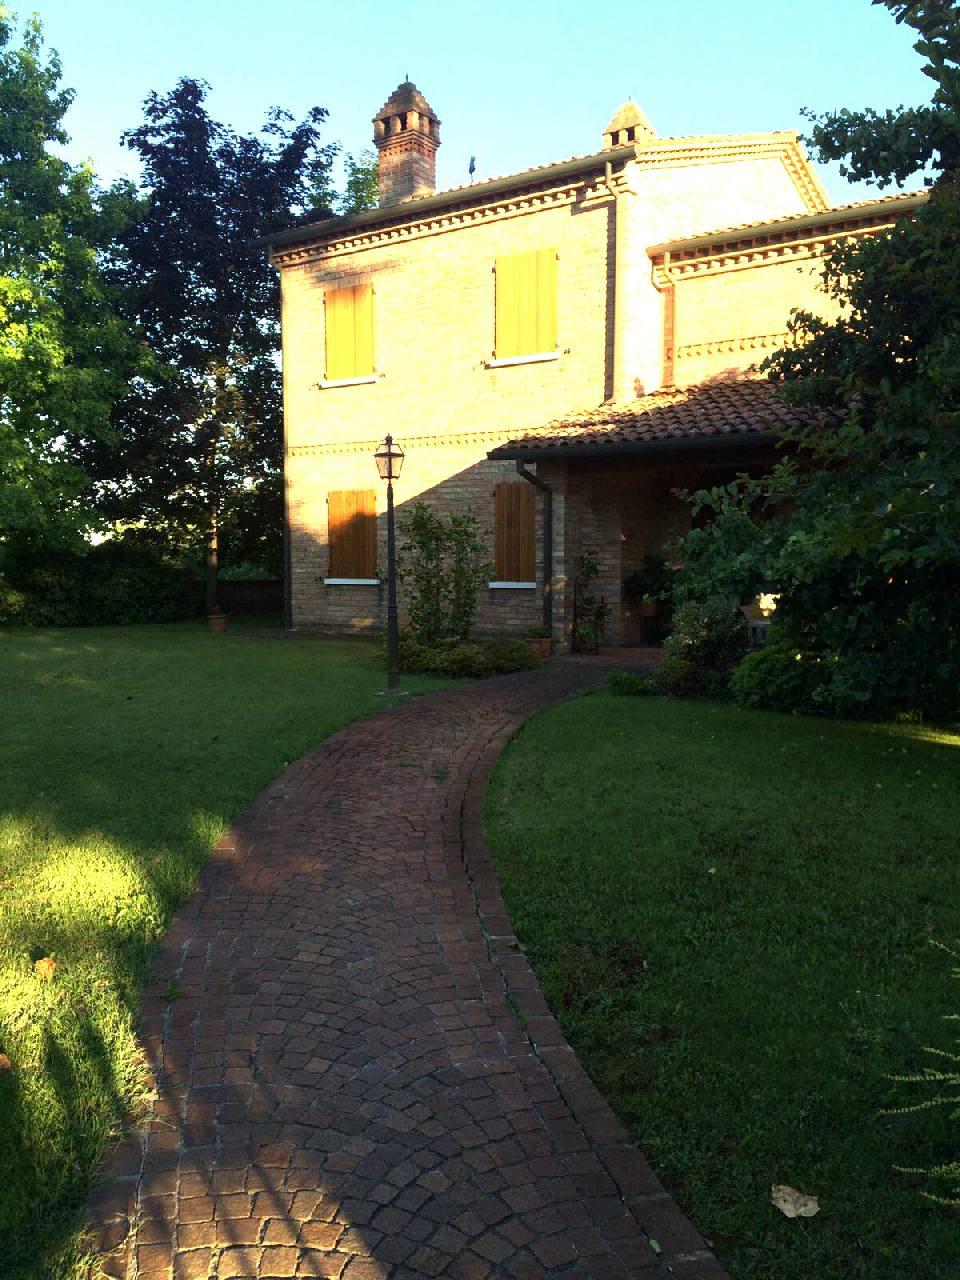 Villa in affitto a Masi Torello, 3 locali, zona Località: Masi Torello, prezzo € 2.800 | Cambio Casa.it